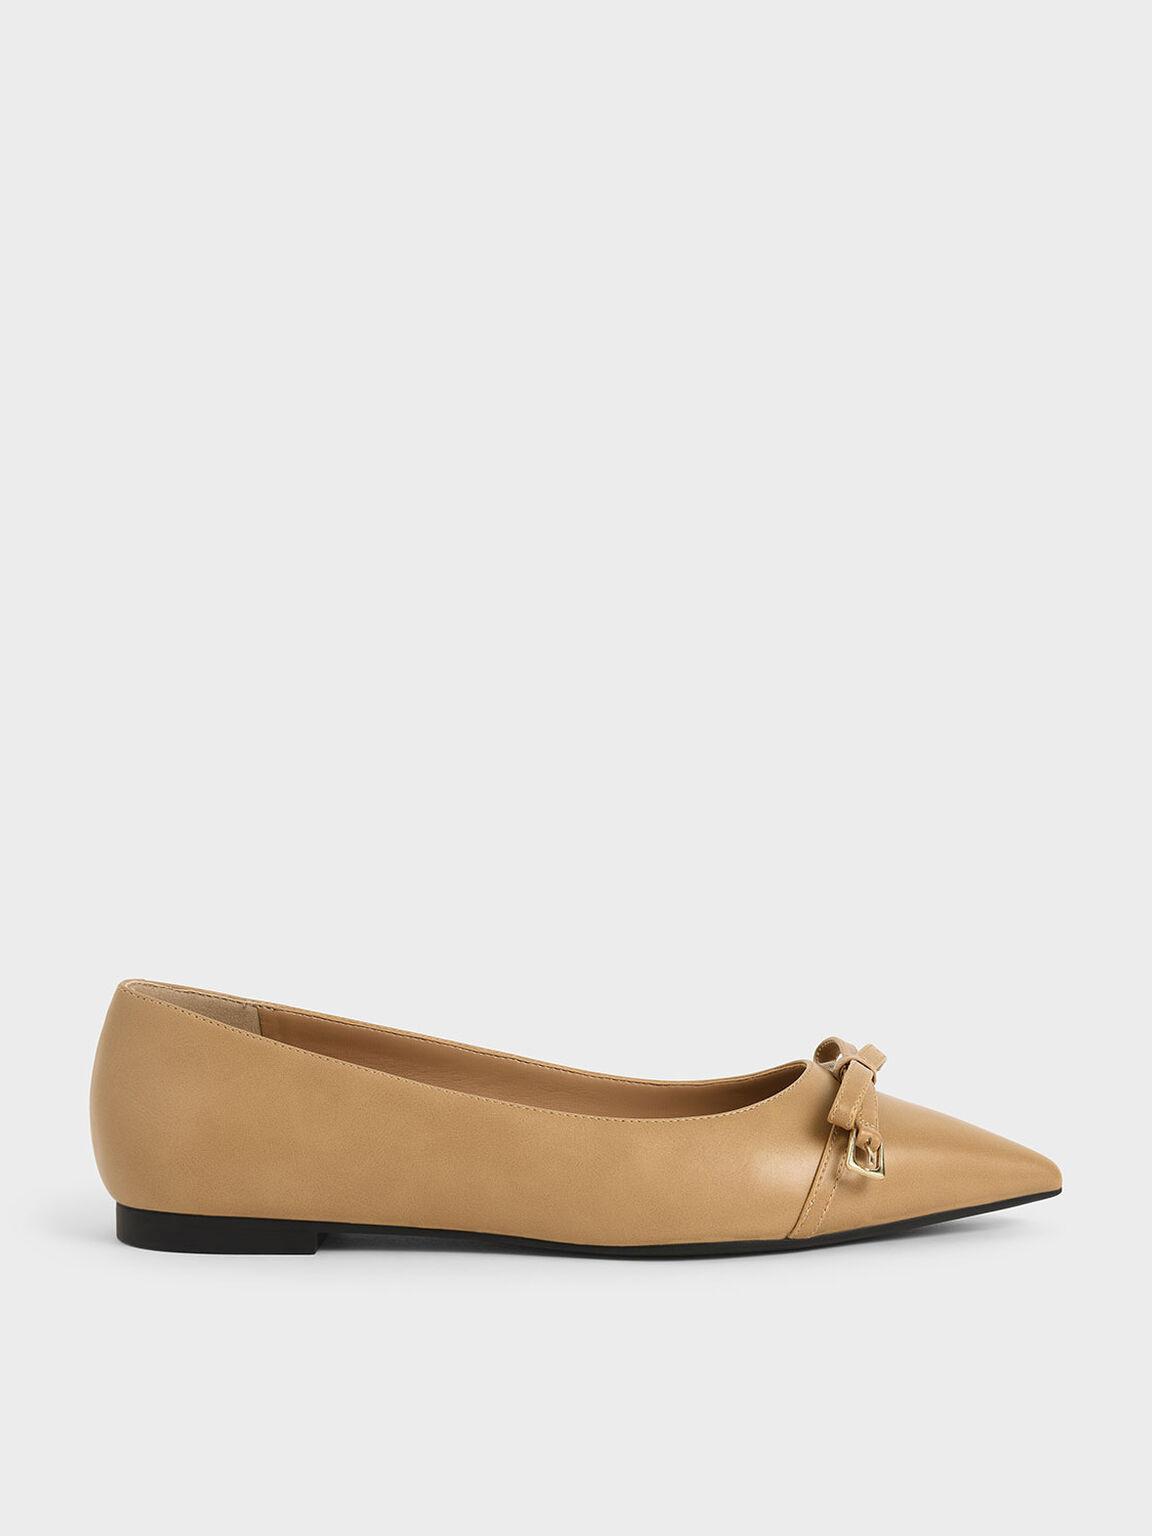 Bow Ballerina Flats, Camel, hi-res